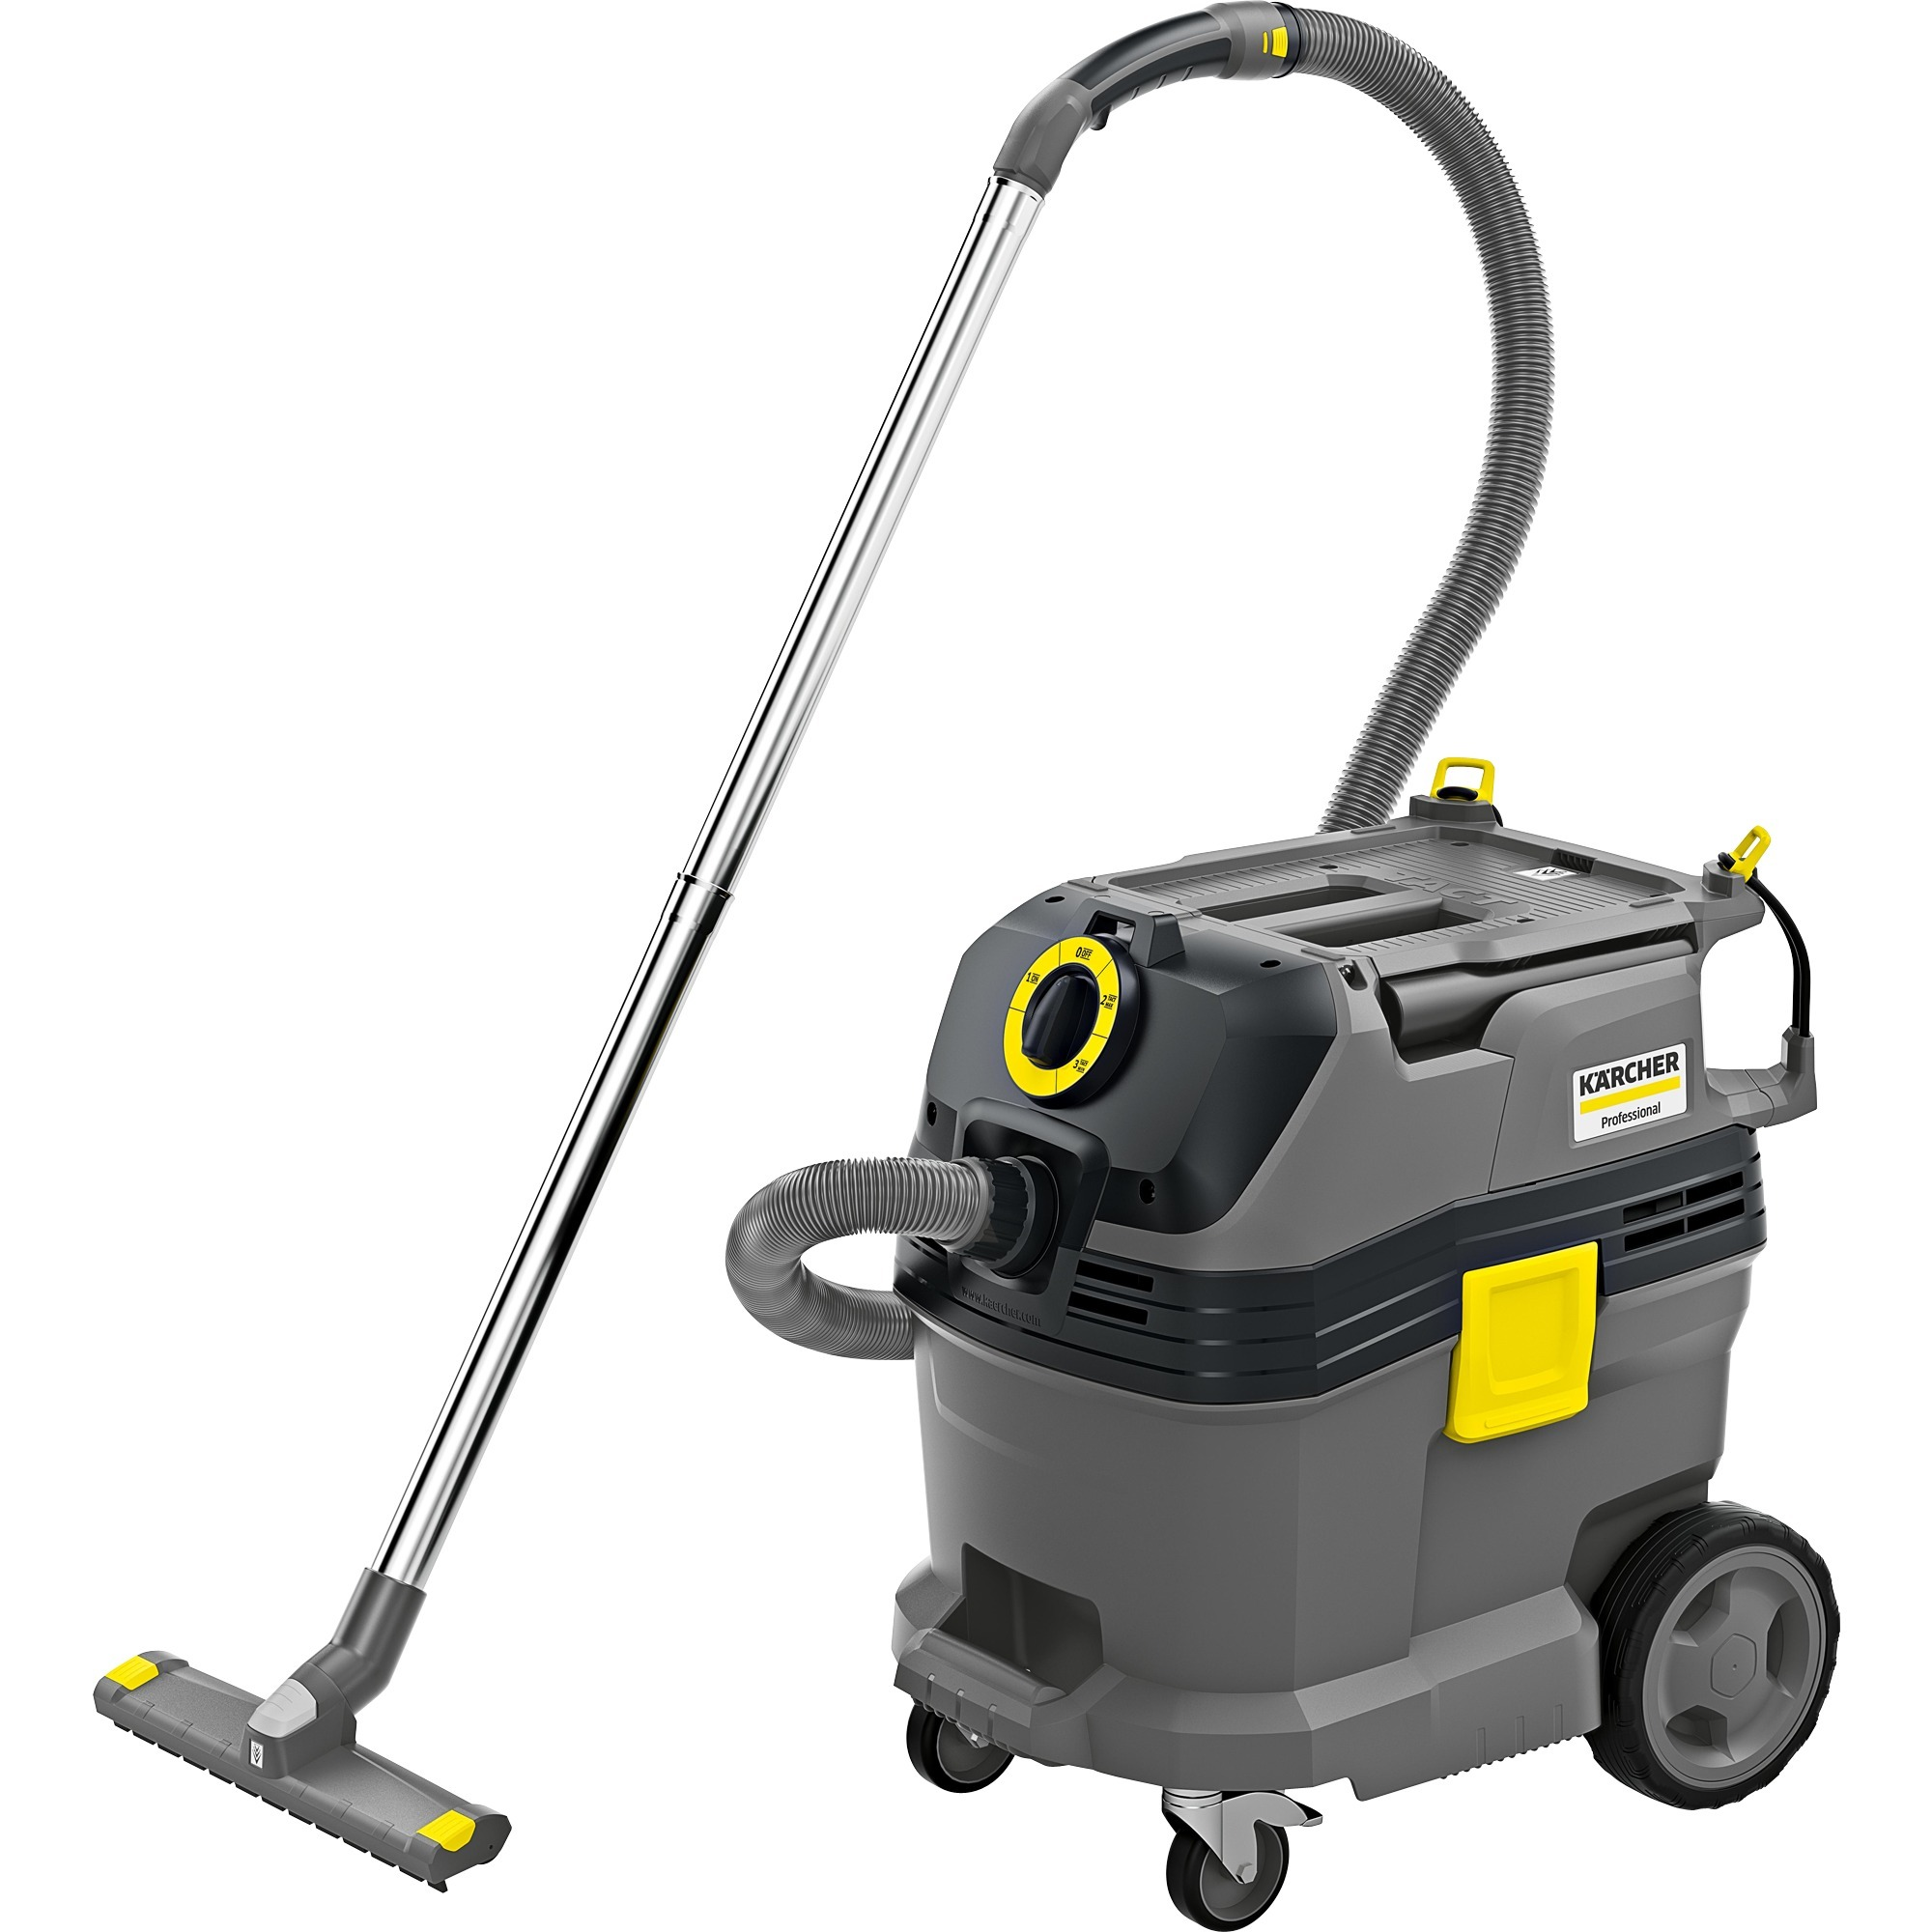 1148-2010-wetdry-vacuum-cleaner